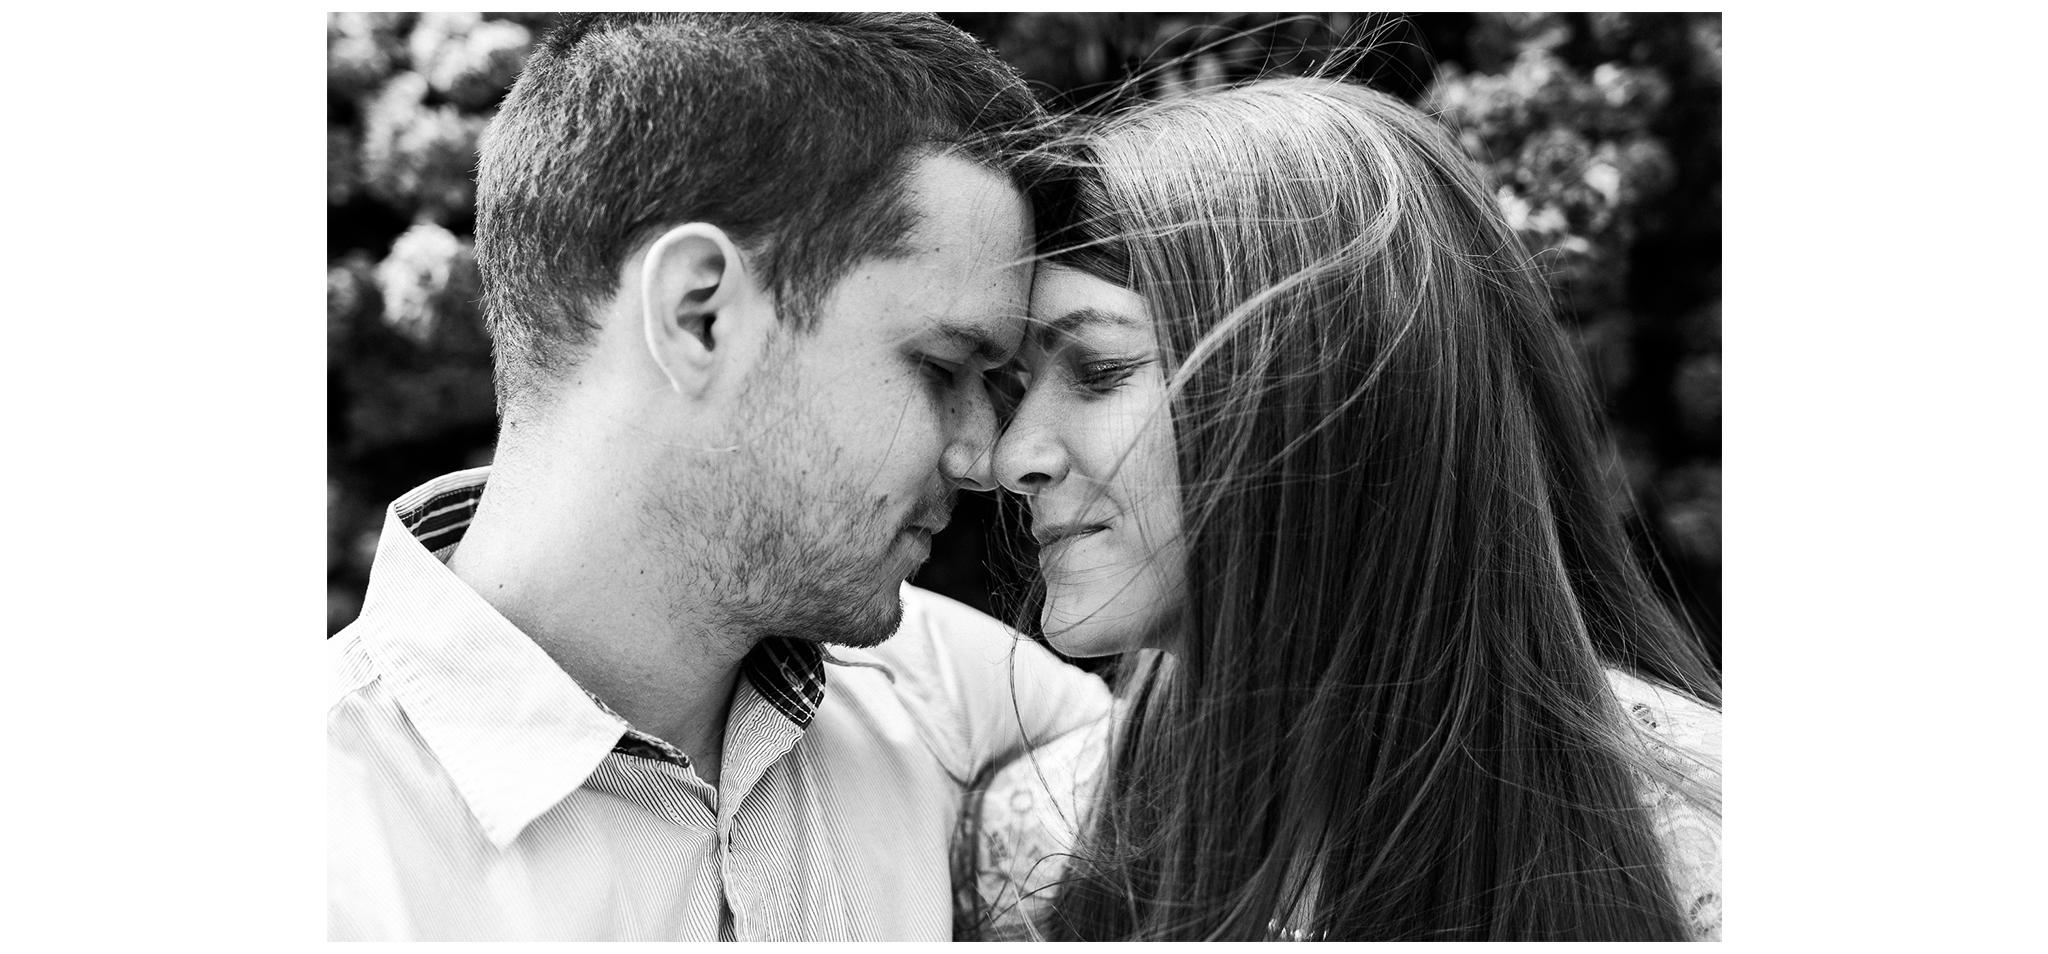 MONT_FylepPhoto, Esküvőfotós Vasmegye, Esküvő fotózás, Esküvői fotós, Körmend, Vas megye, Dunántúl, Budapest, Fülöp Péter, Jegyes fotózás, jegyes, kreatív, kreatívfotózás, Balaton, Ausztira_008.jpg